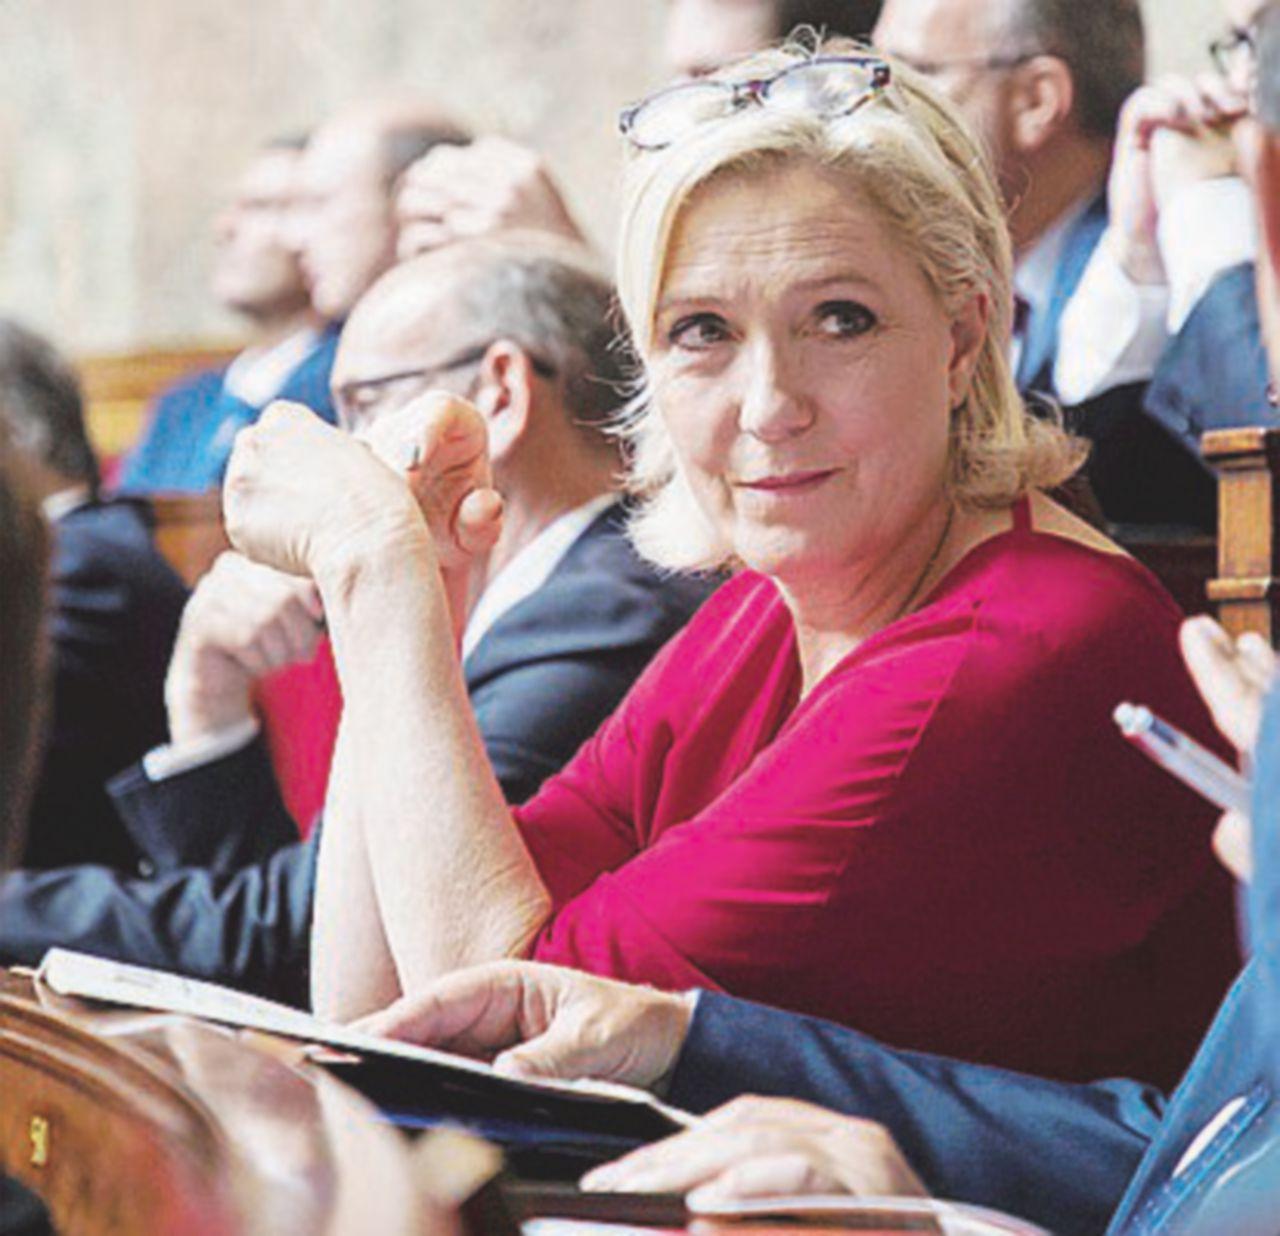 Sovranisti squattrinati: anche la Le Pen rischia la bancarotta e attacca le toghe